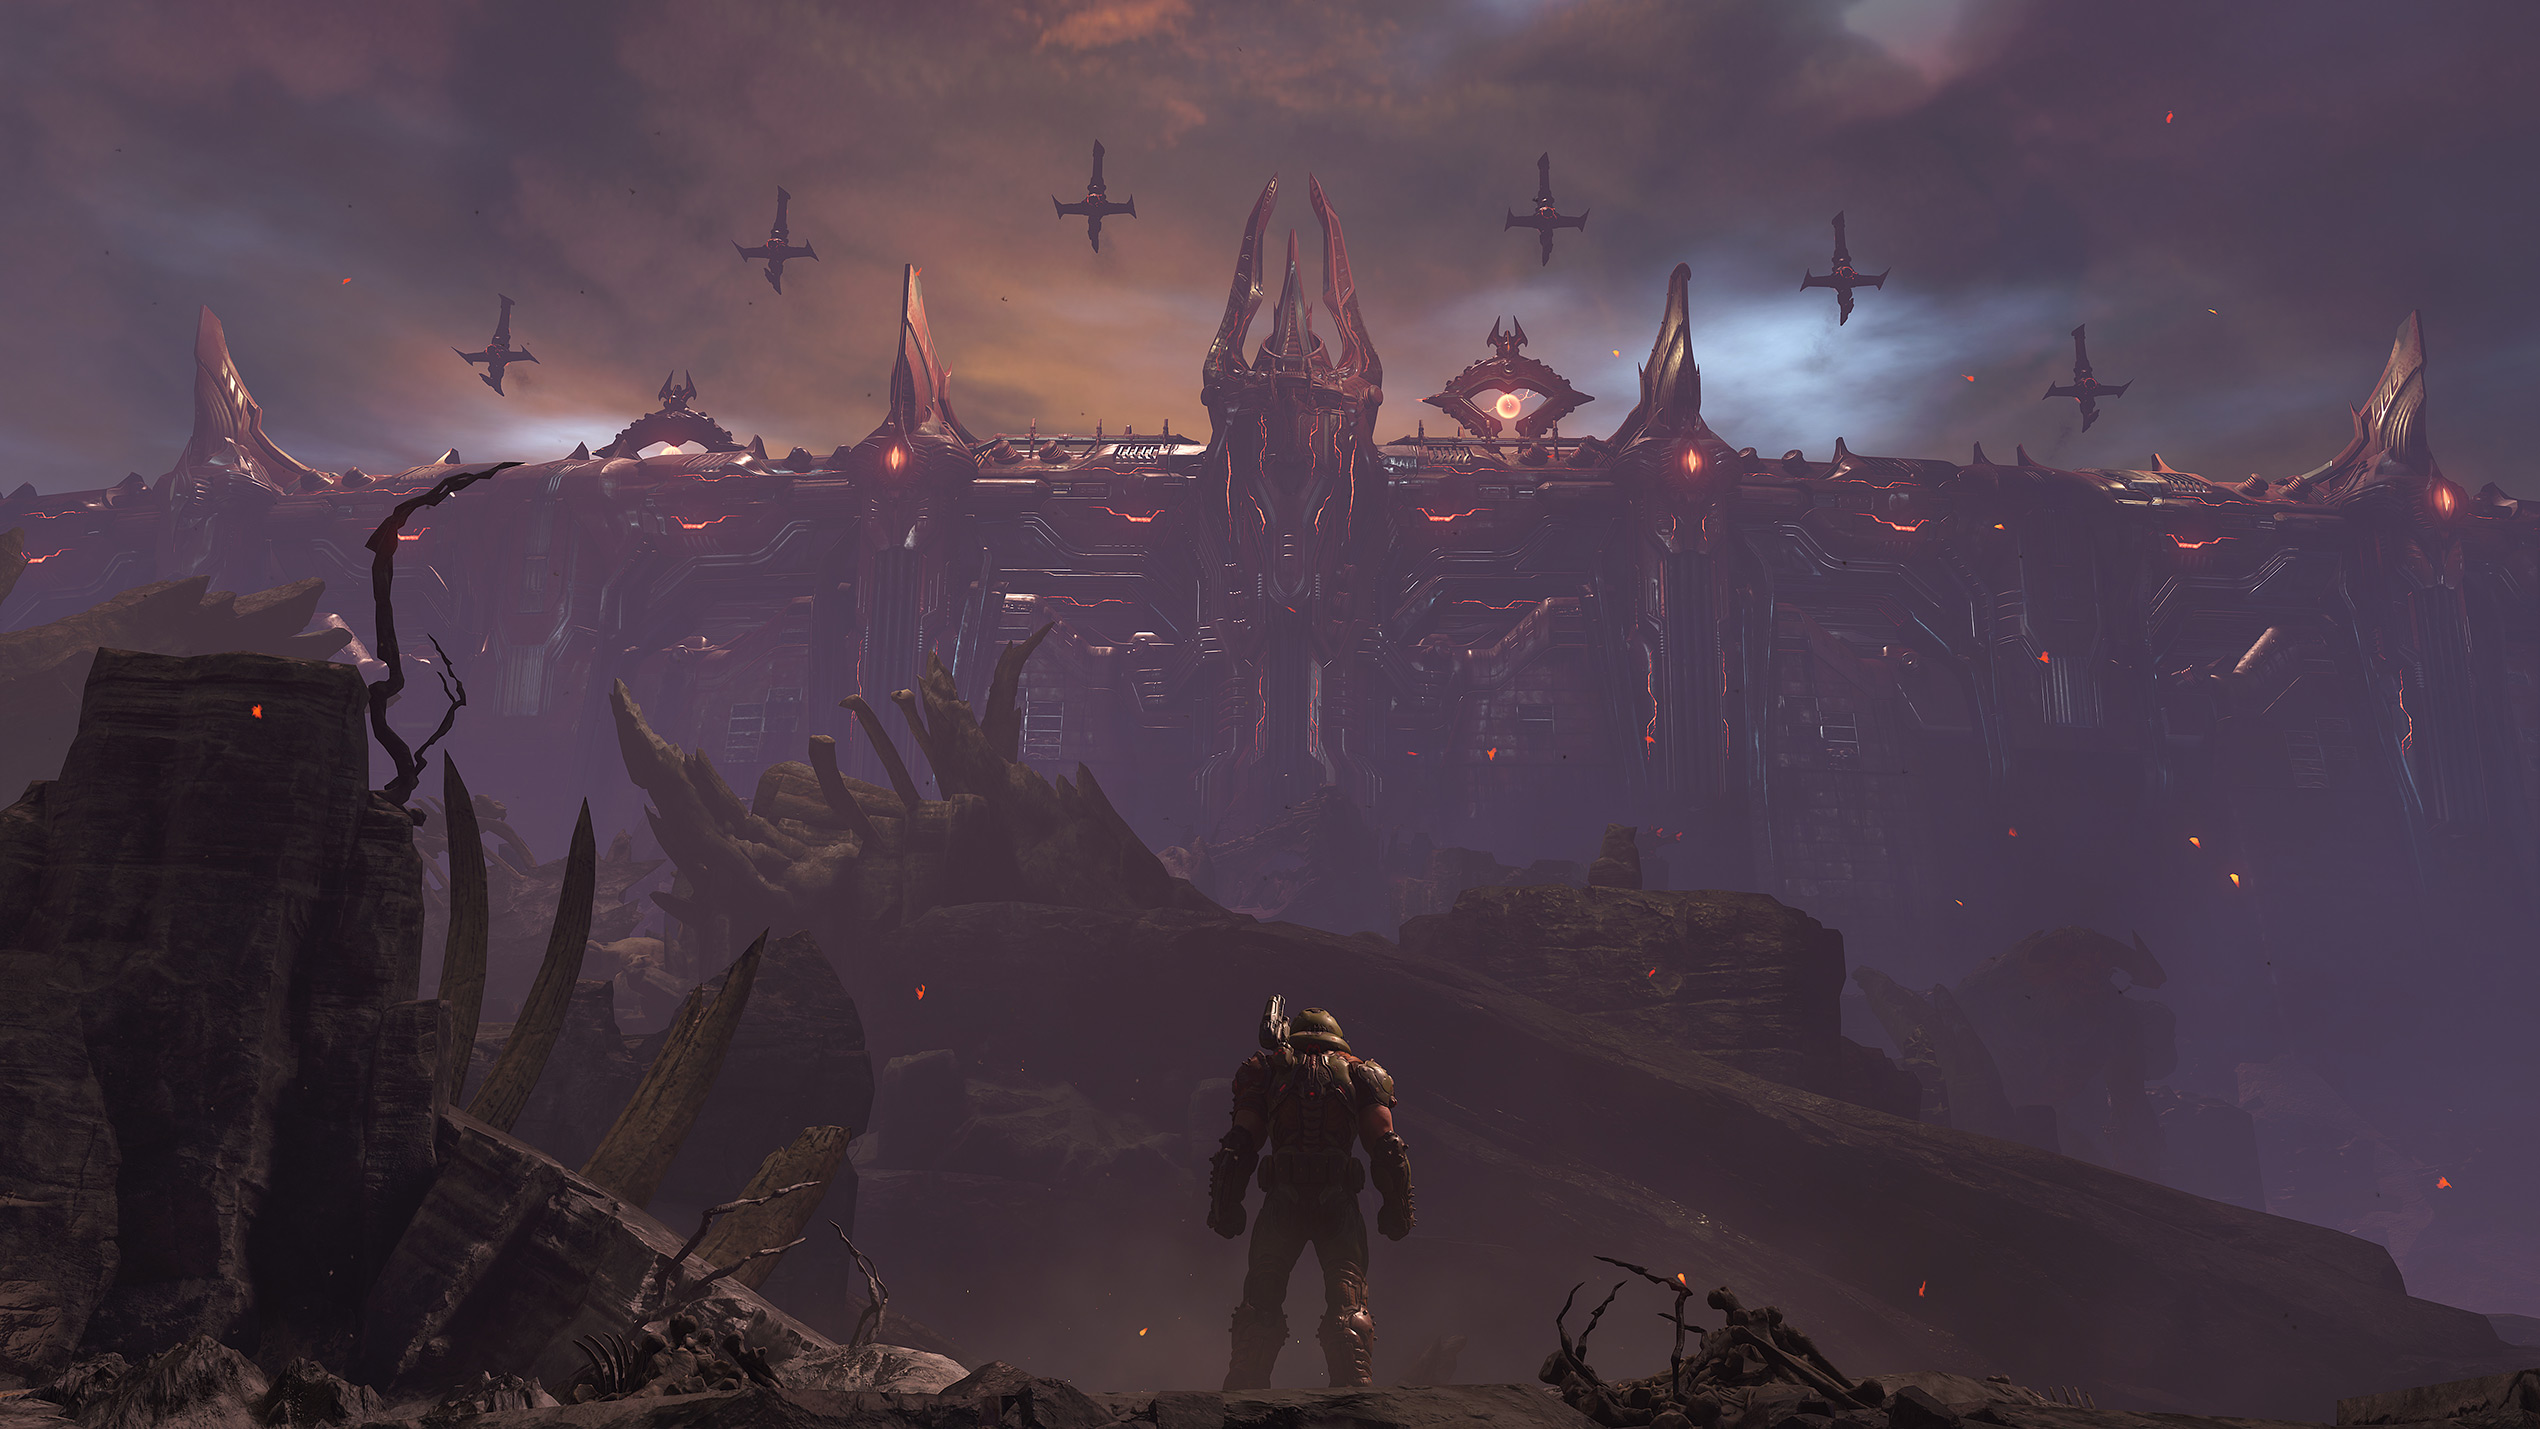 """Библия, инопланетный """"скот"""", измерения и Палач: Разговор c id перед Doom Eternal - The Ancient Gods Part Two"""